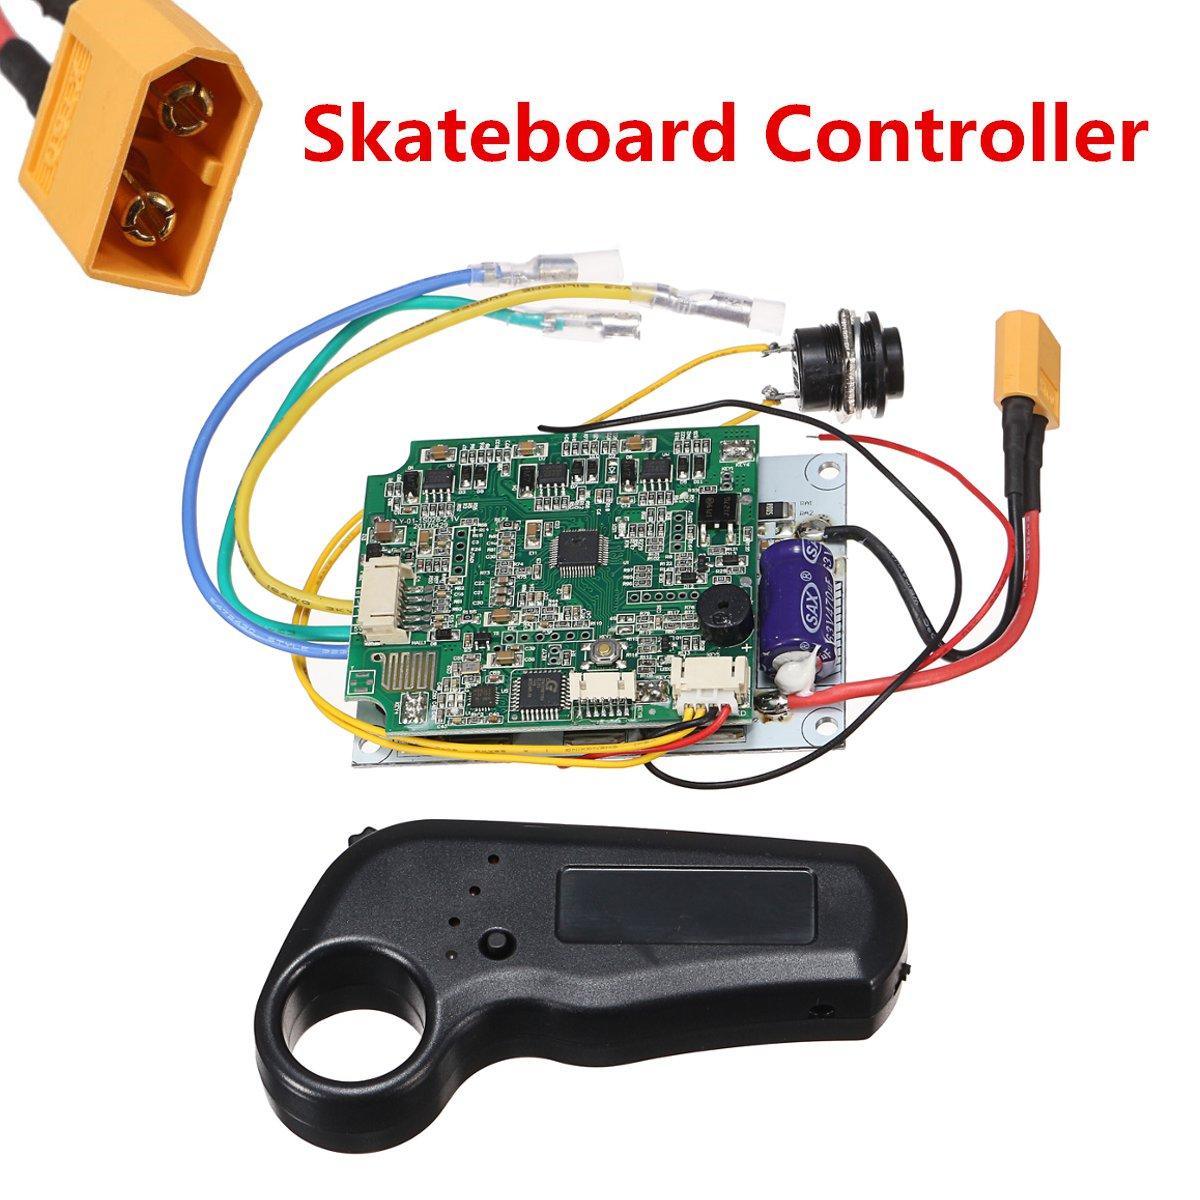 Мини пульт дистанционного управления один двигатель электрический longboard контроллер скейтборда ESC заменить для электрического скейтборда ...